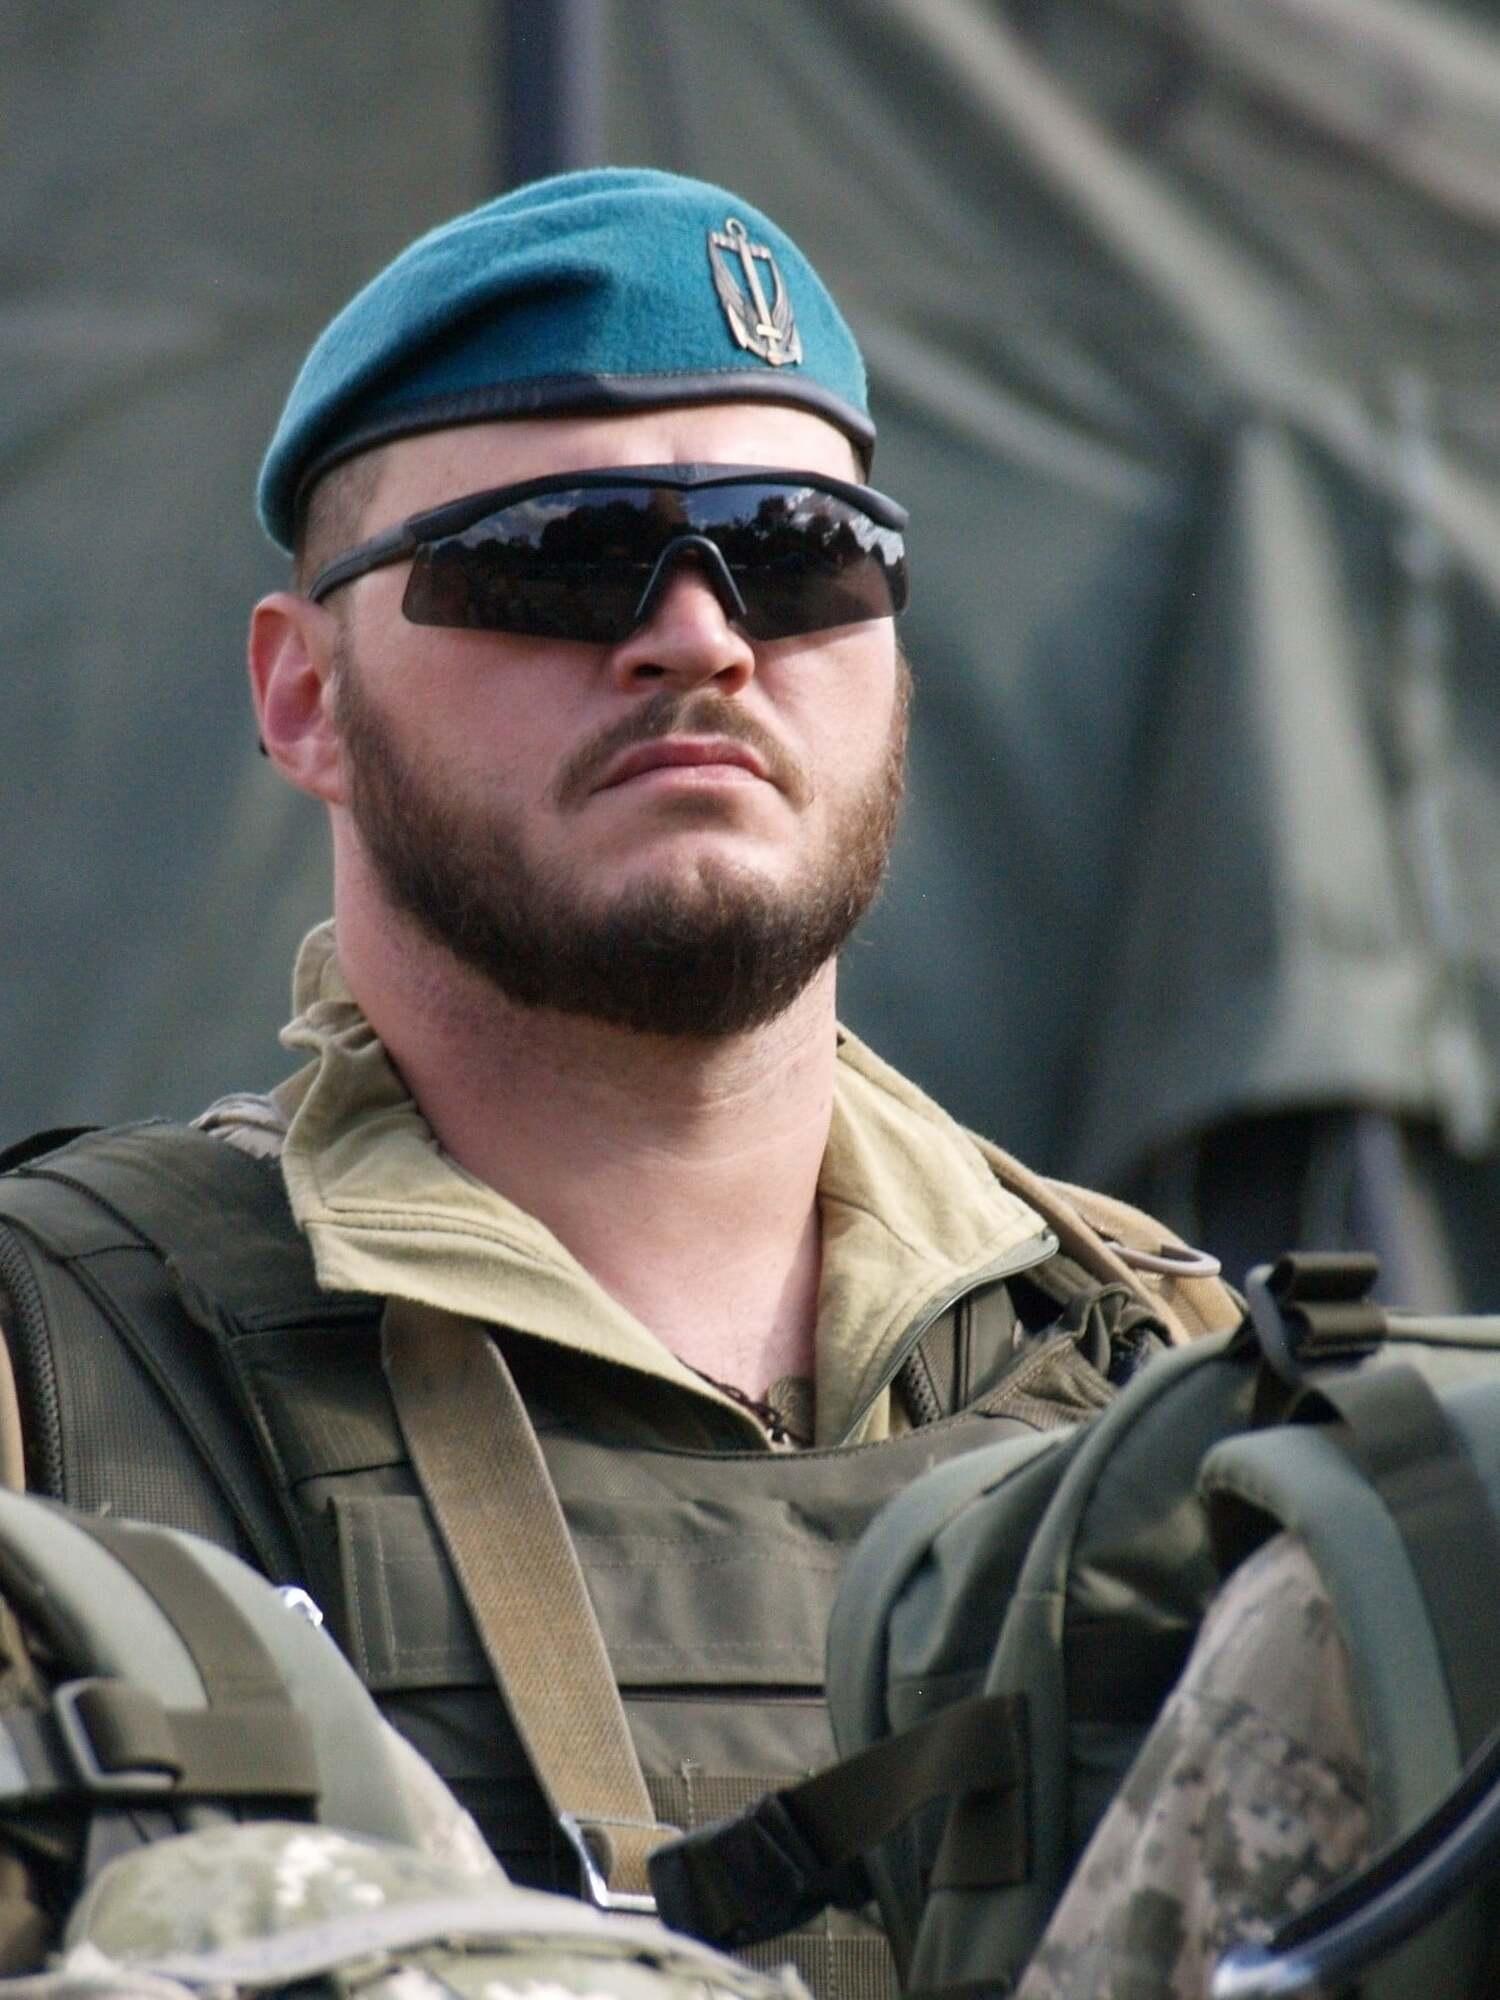 20 червня 2020 року ворожий снайпер завдав йому тяжкого поранення у живіт.